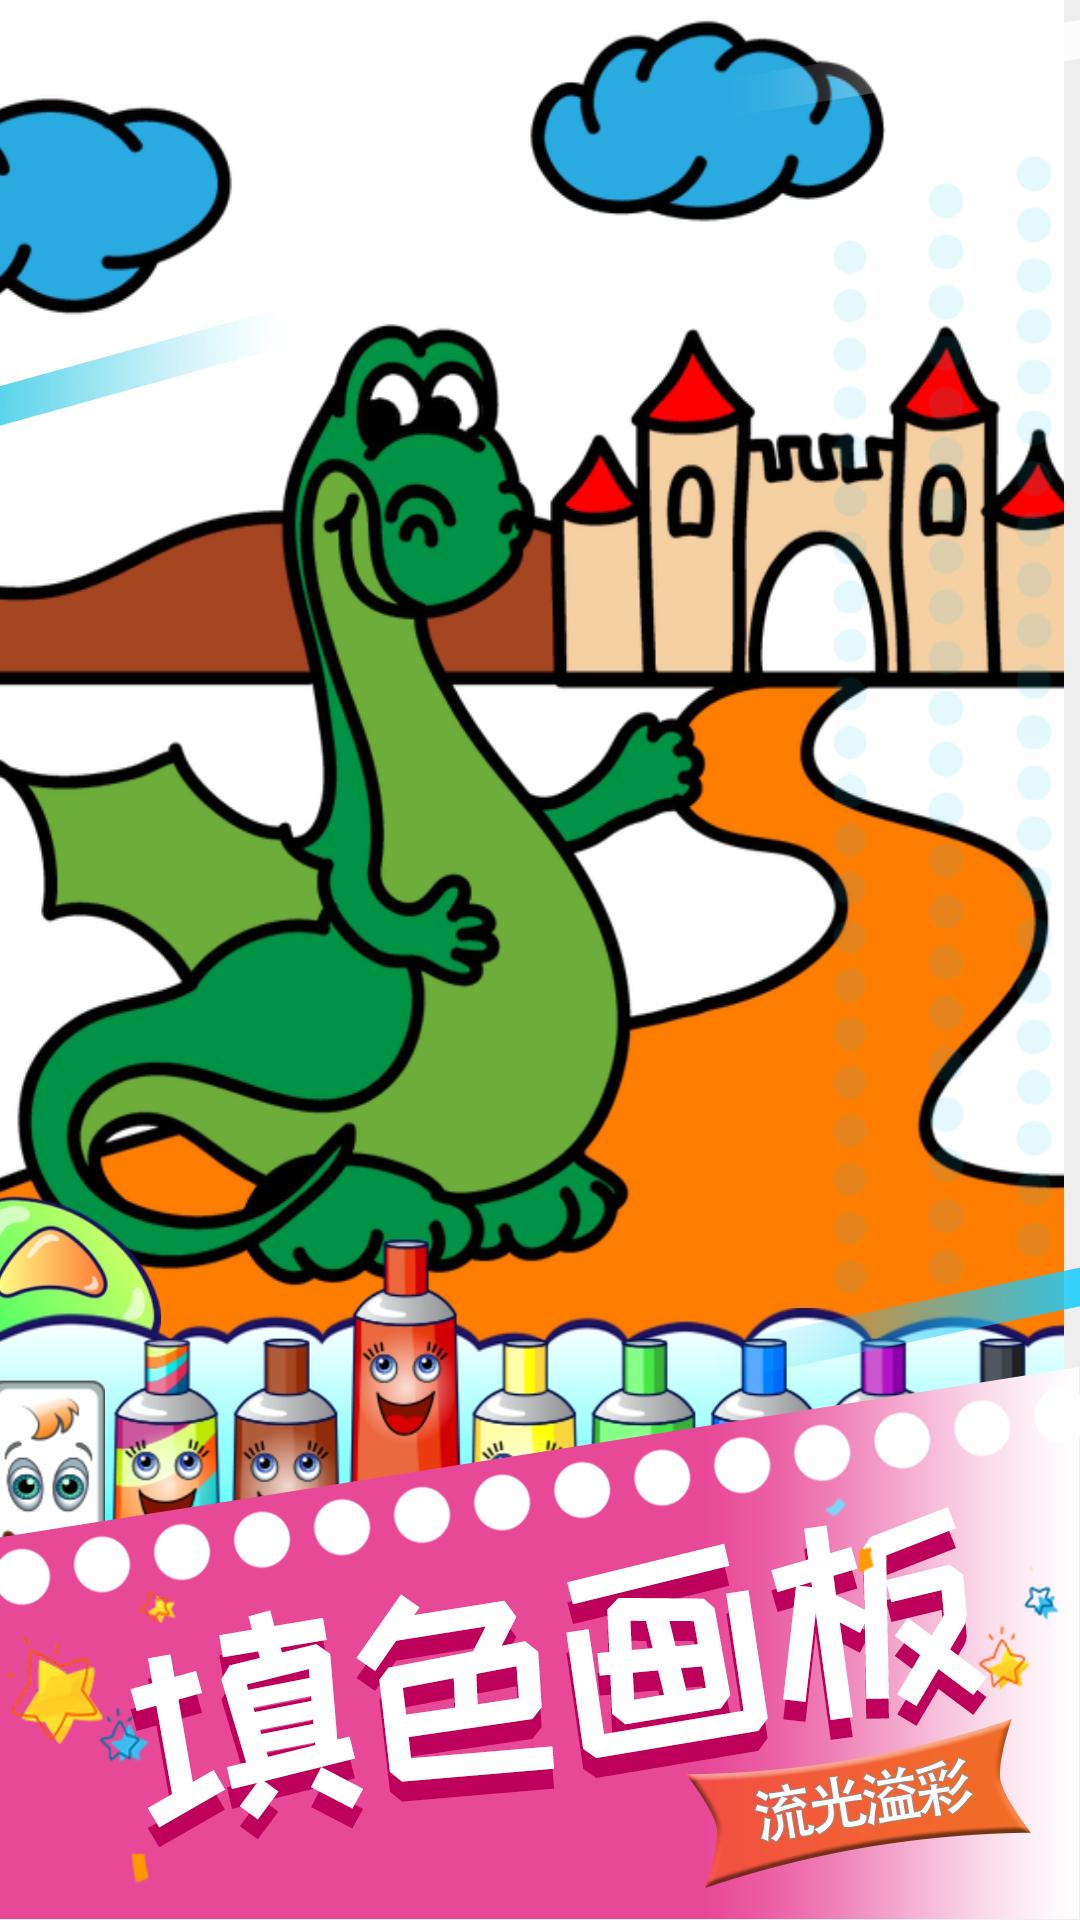 我的画画世界 V7.8 安卓版截图2